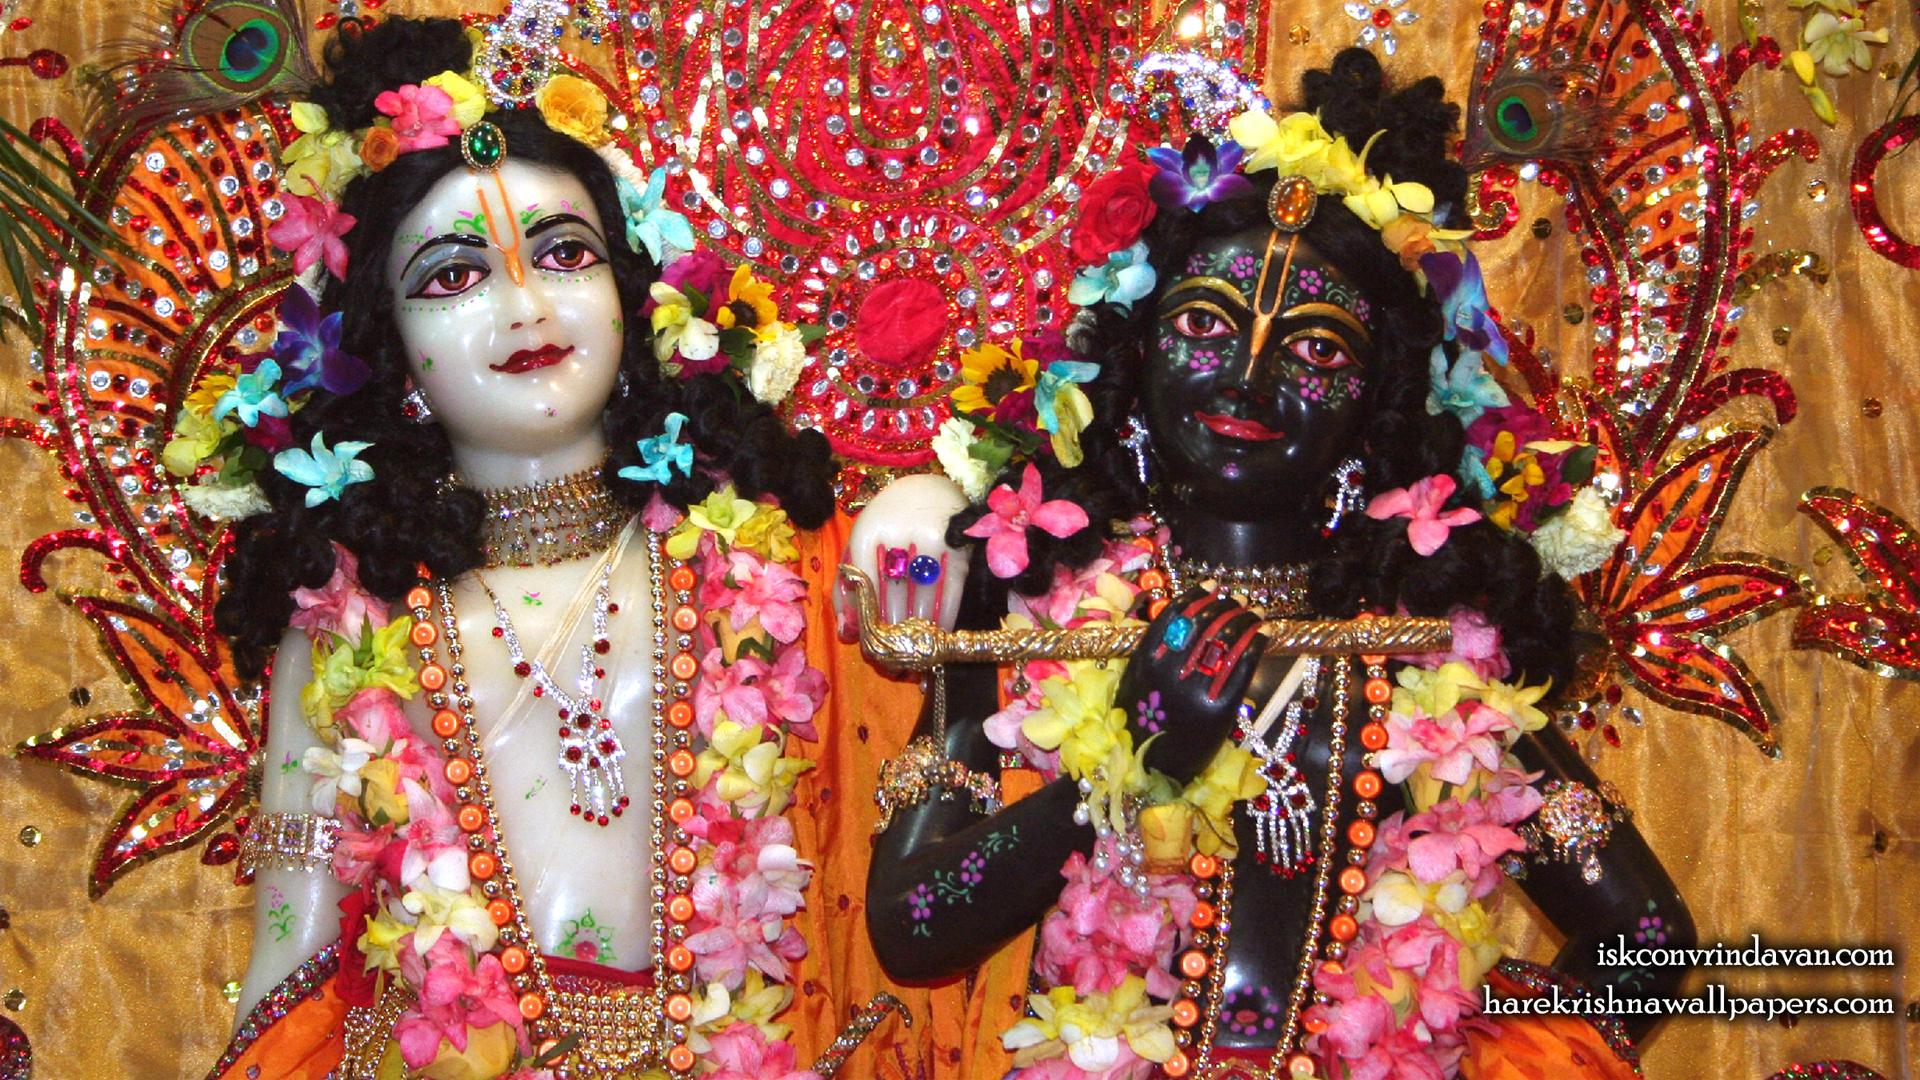 Sri Sri Krishna Balaram Close up Wallpaper (001) Size 1920x1080 Download